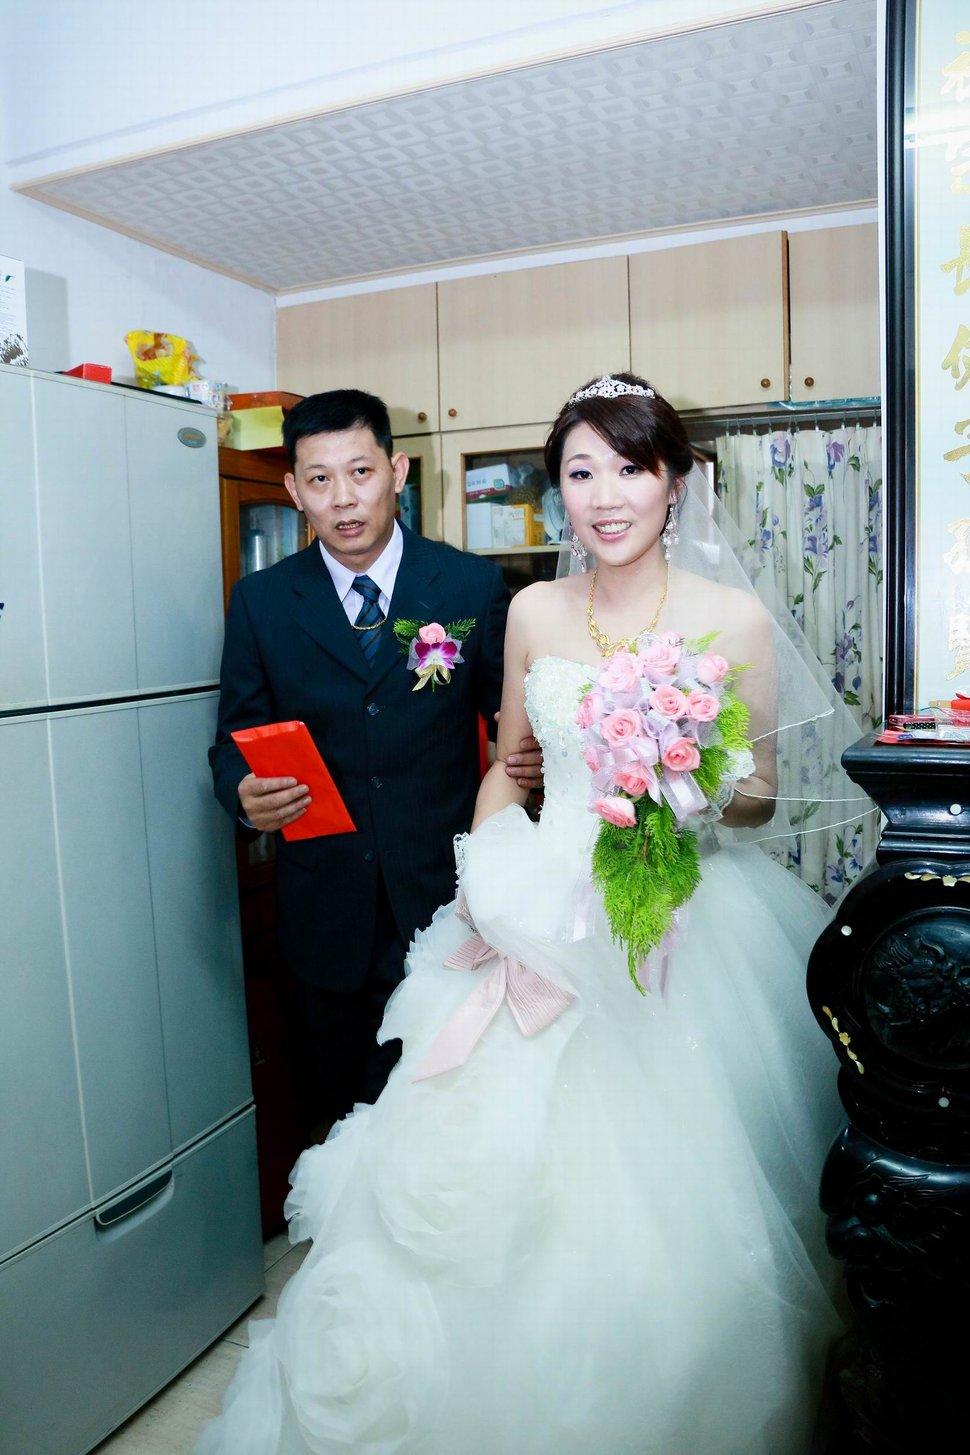 板橋吉立定結餐廳迎娶文定婚禮記錄結婚迎娶婚禮攝影動態微電影錄影專業錄影平面攝影影婚禮主持人(編號:196970) - 蜜月拍照10800錄影12800攝影團隊 - 結婚吧